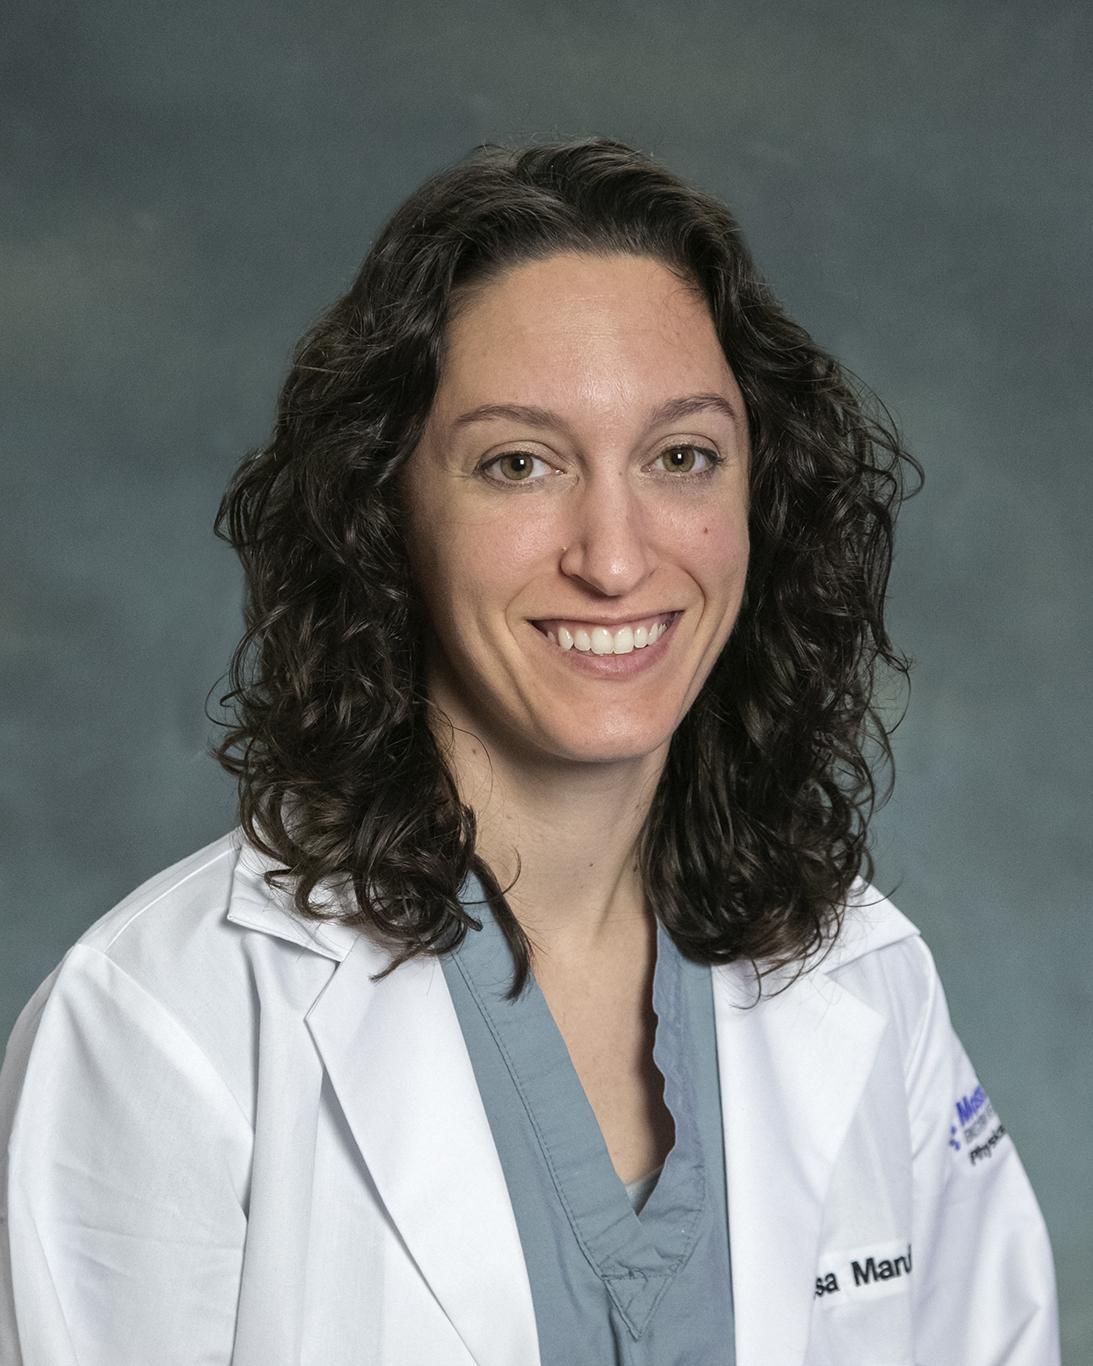 Photo of Alyssa Marulli, MD